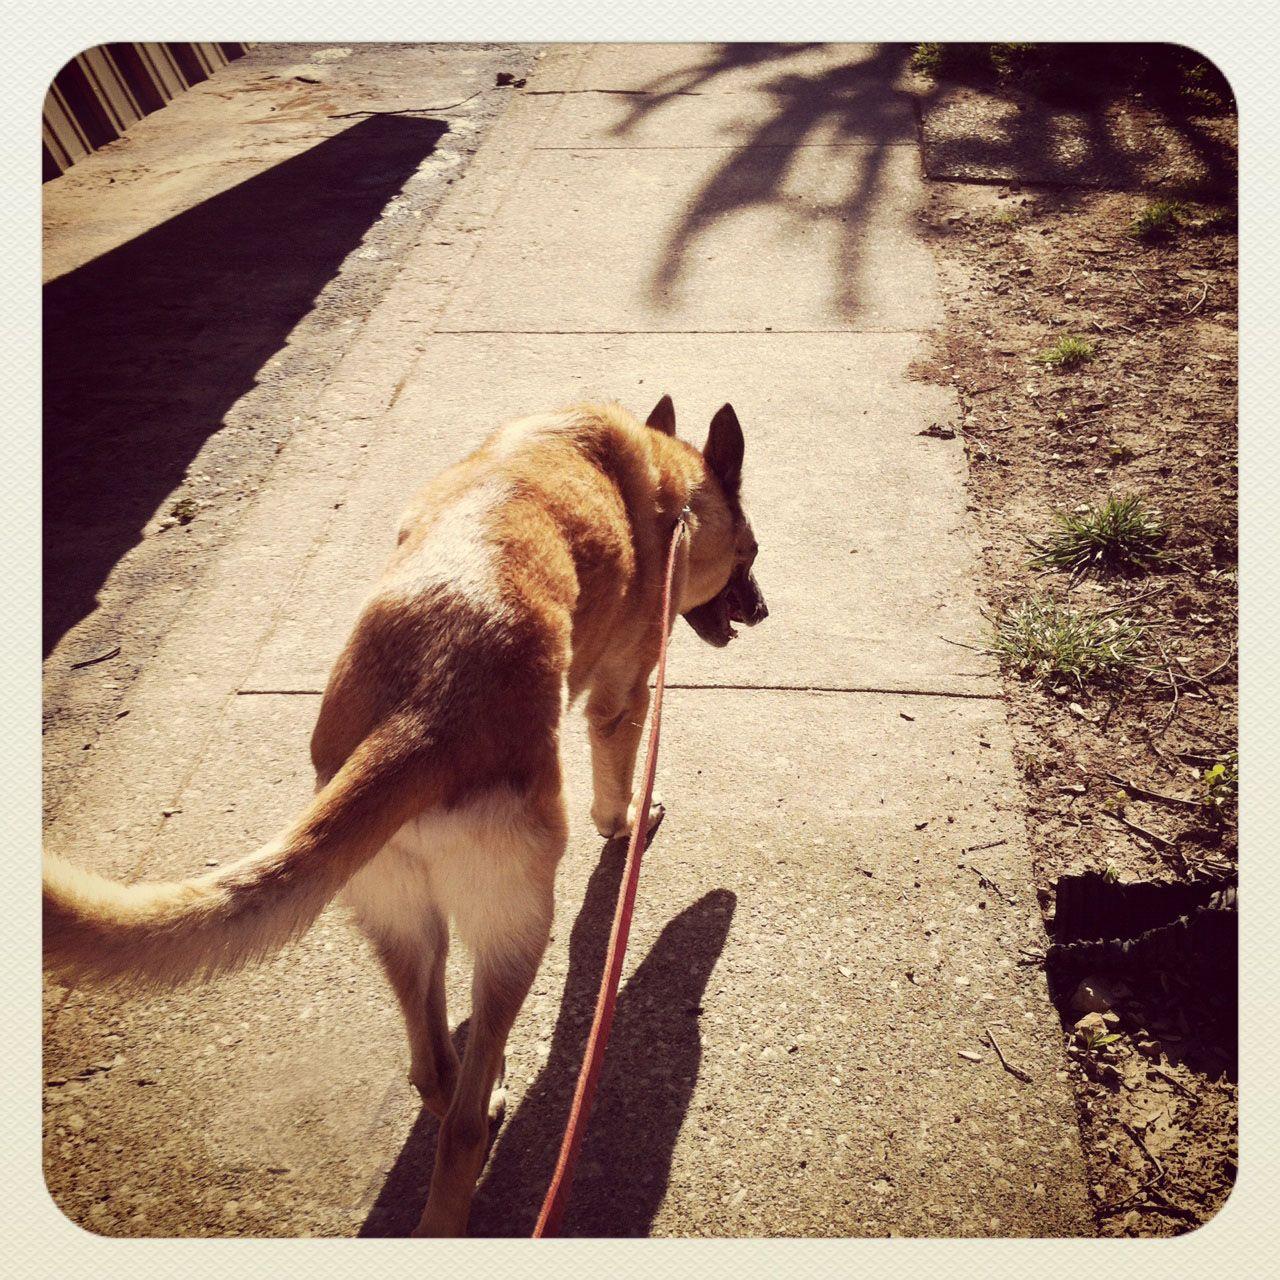 concrete desert Dogs, Kangaroo